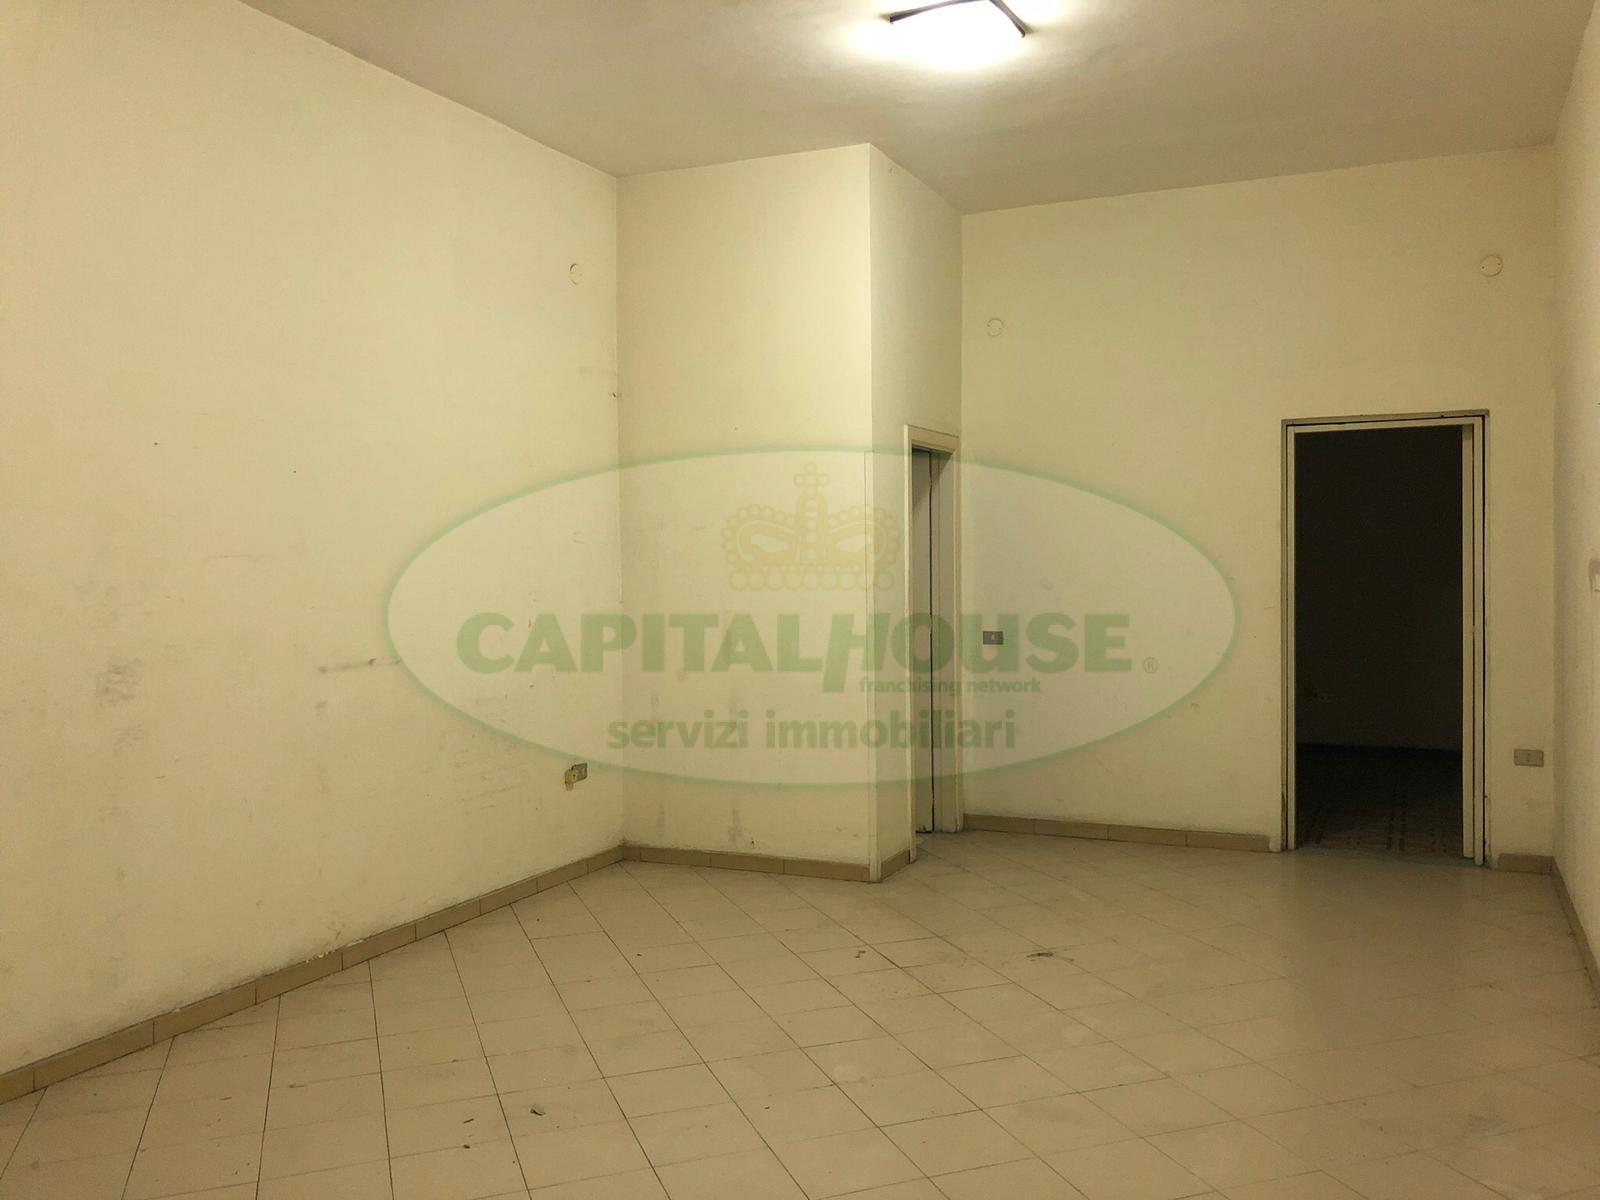 Attività / Licenza in affitto a Afragola, 9999 locali, zona Località: ZonaAmendola, prezzo € 300 | CambioCasa.it